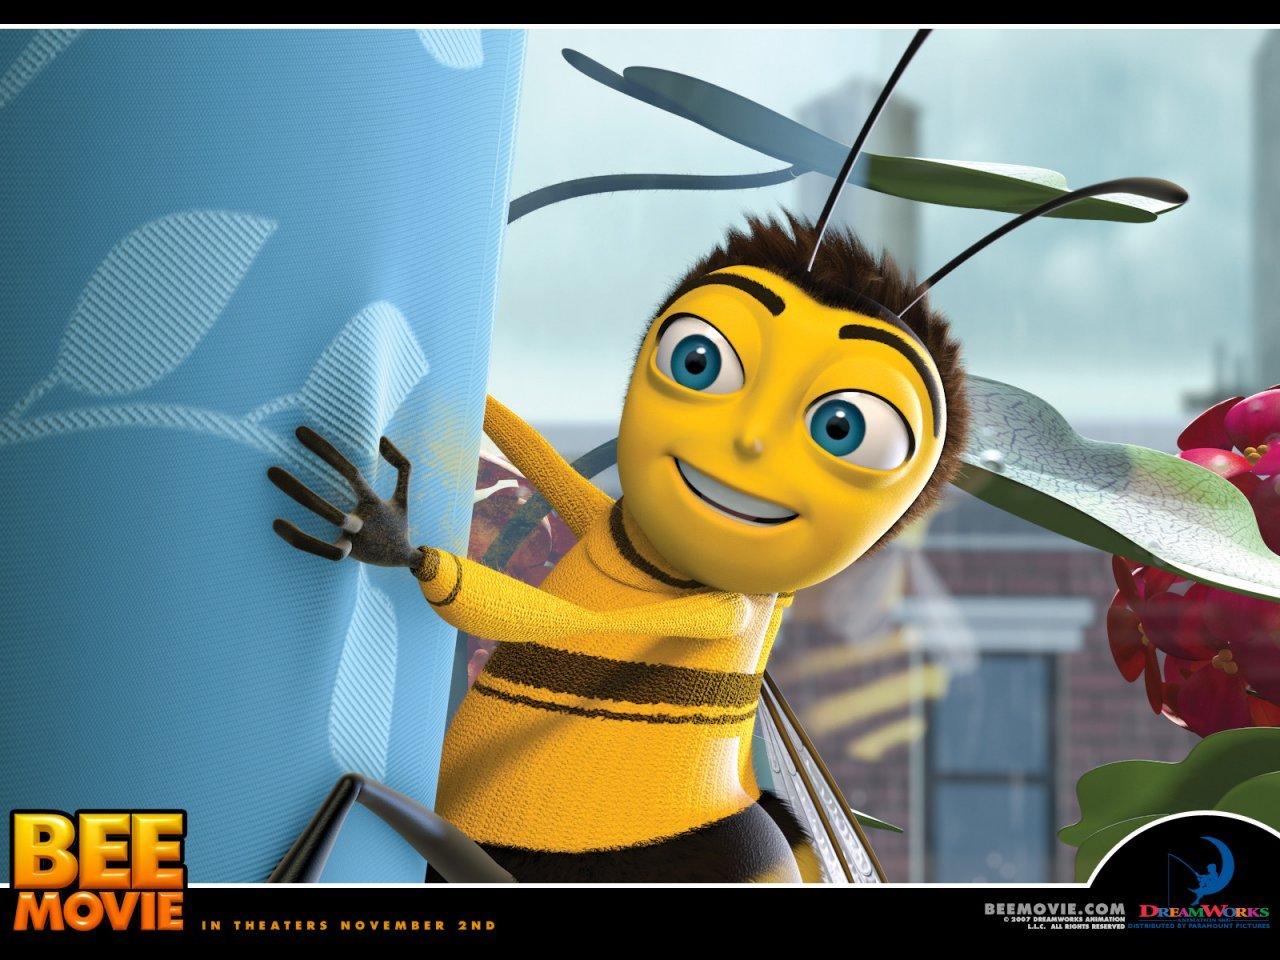 10113 Hintergrundbild herunterladen Cartoon, Insekten, Bienen, Bee Movie - Bildschirmschoner und Bilder kostenlos